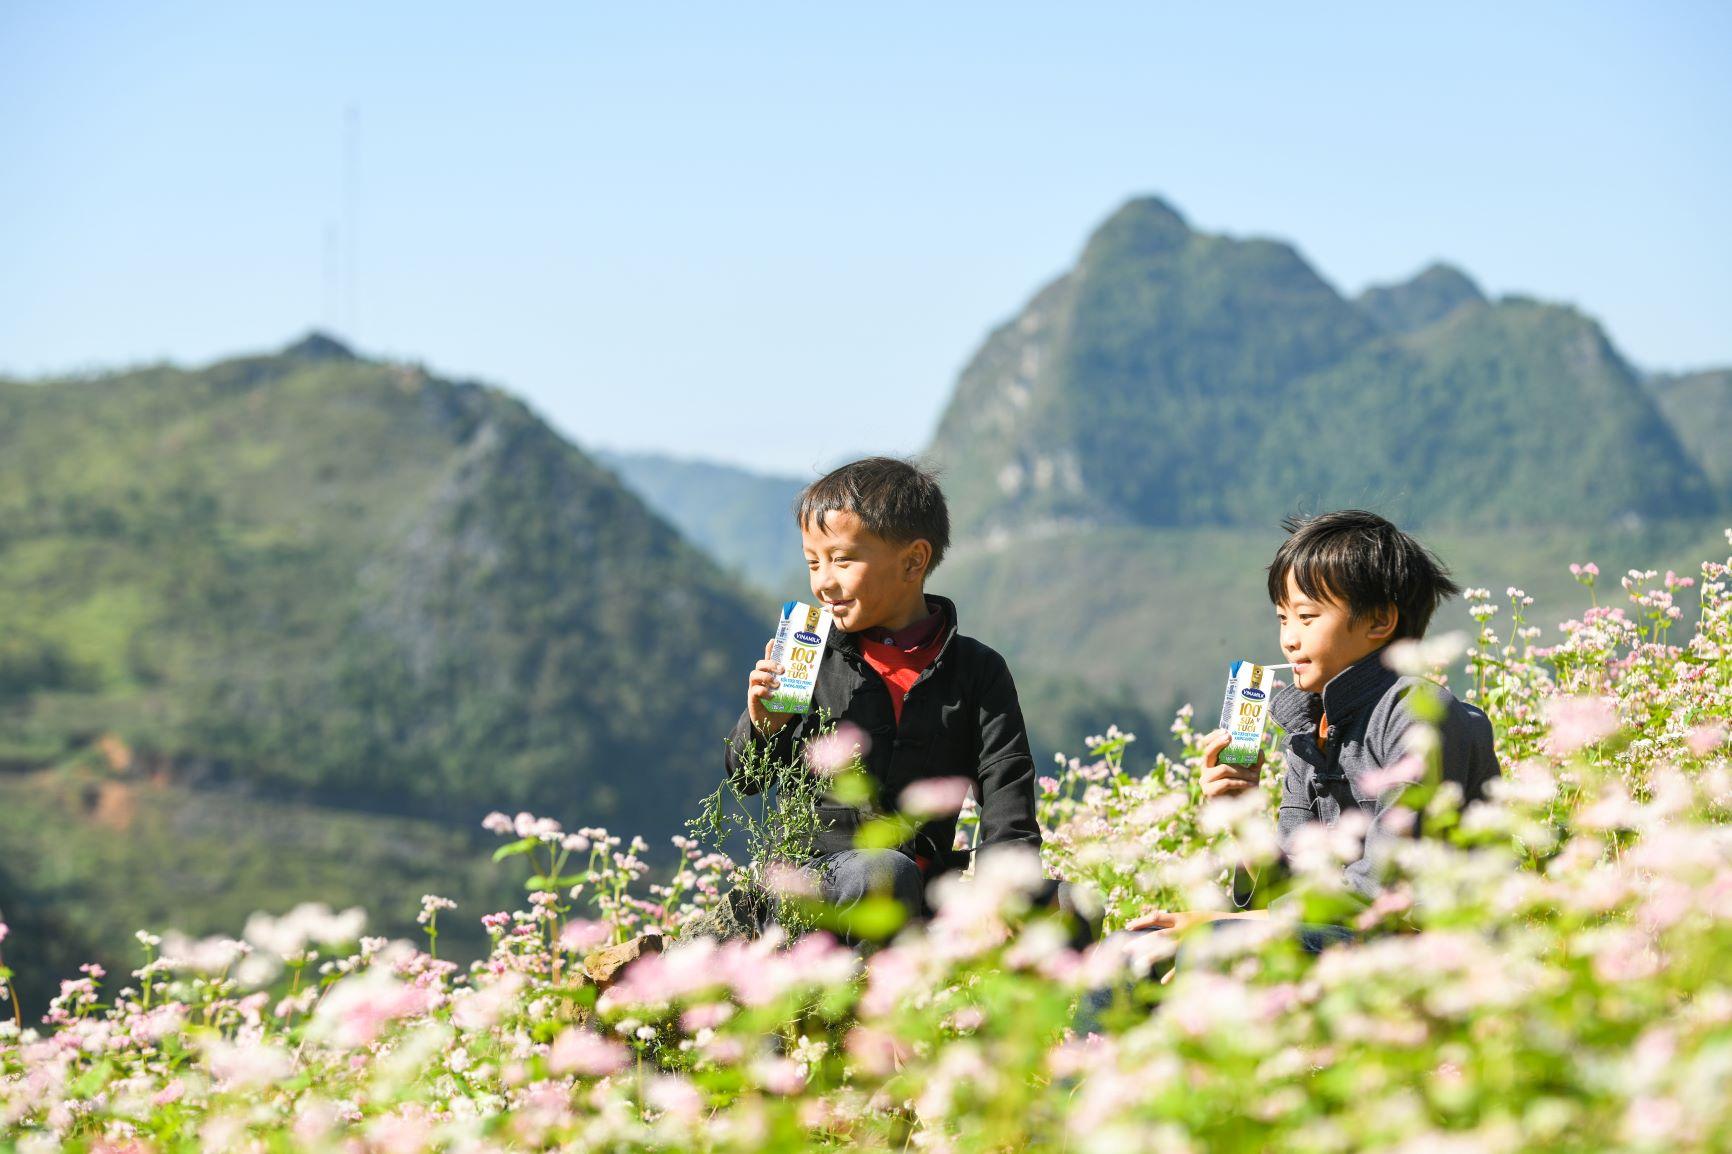 Đến trường với niềm vui uống sữa của trẻ vùng cao Hà Giang đã không còn là ước mơ 14